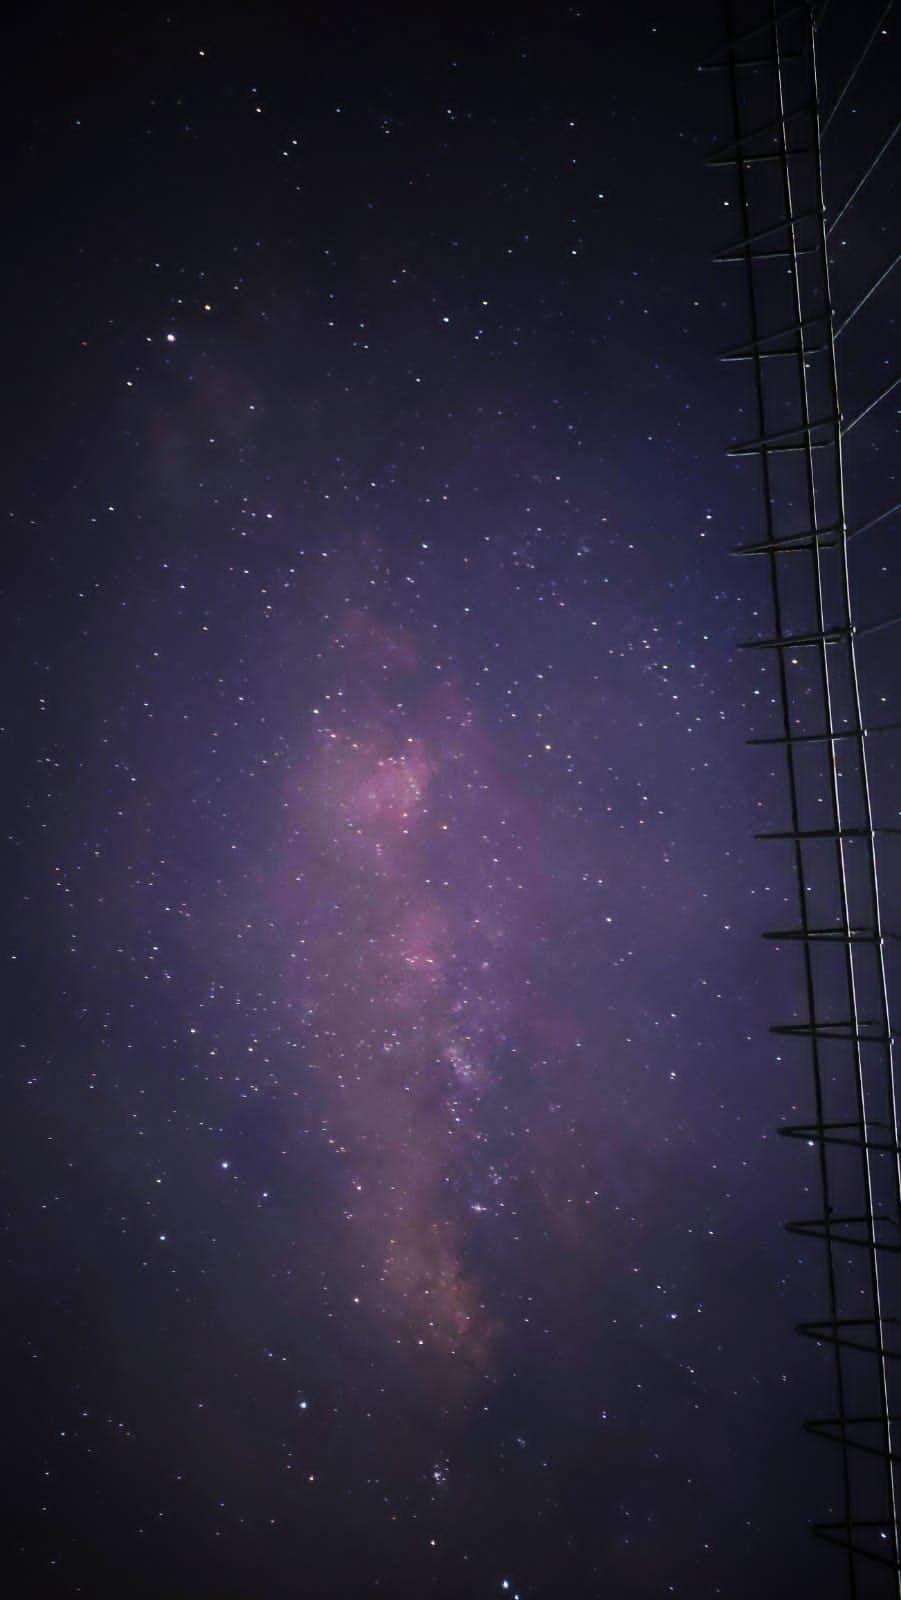 Potret Planet Saturnus, Jupiter dan Galaksi Bima Sakti yang berhasil ditangkap pada saat pengambilan data langit atau astrofotografi pada planet Jupiter, Saturnus dan galaksi Bima Sakti (Milky way) pada Peringatan Hari Antariksa Nasional di Gedung LAPAN Sumedang, Jumat (6/8/2021) malam.